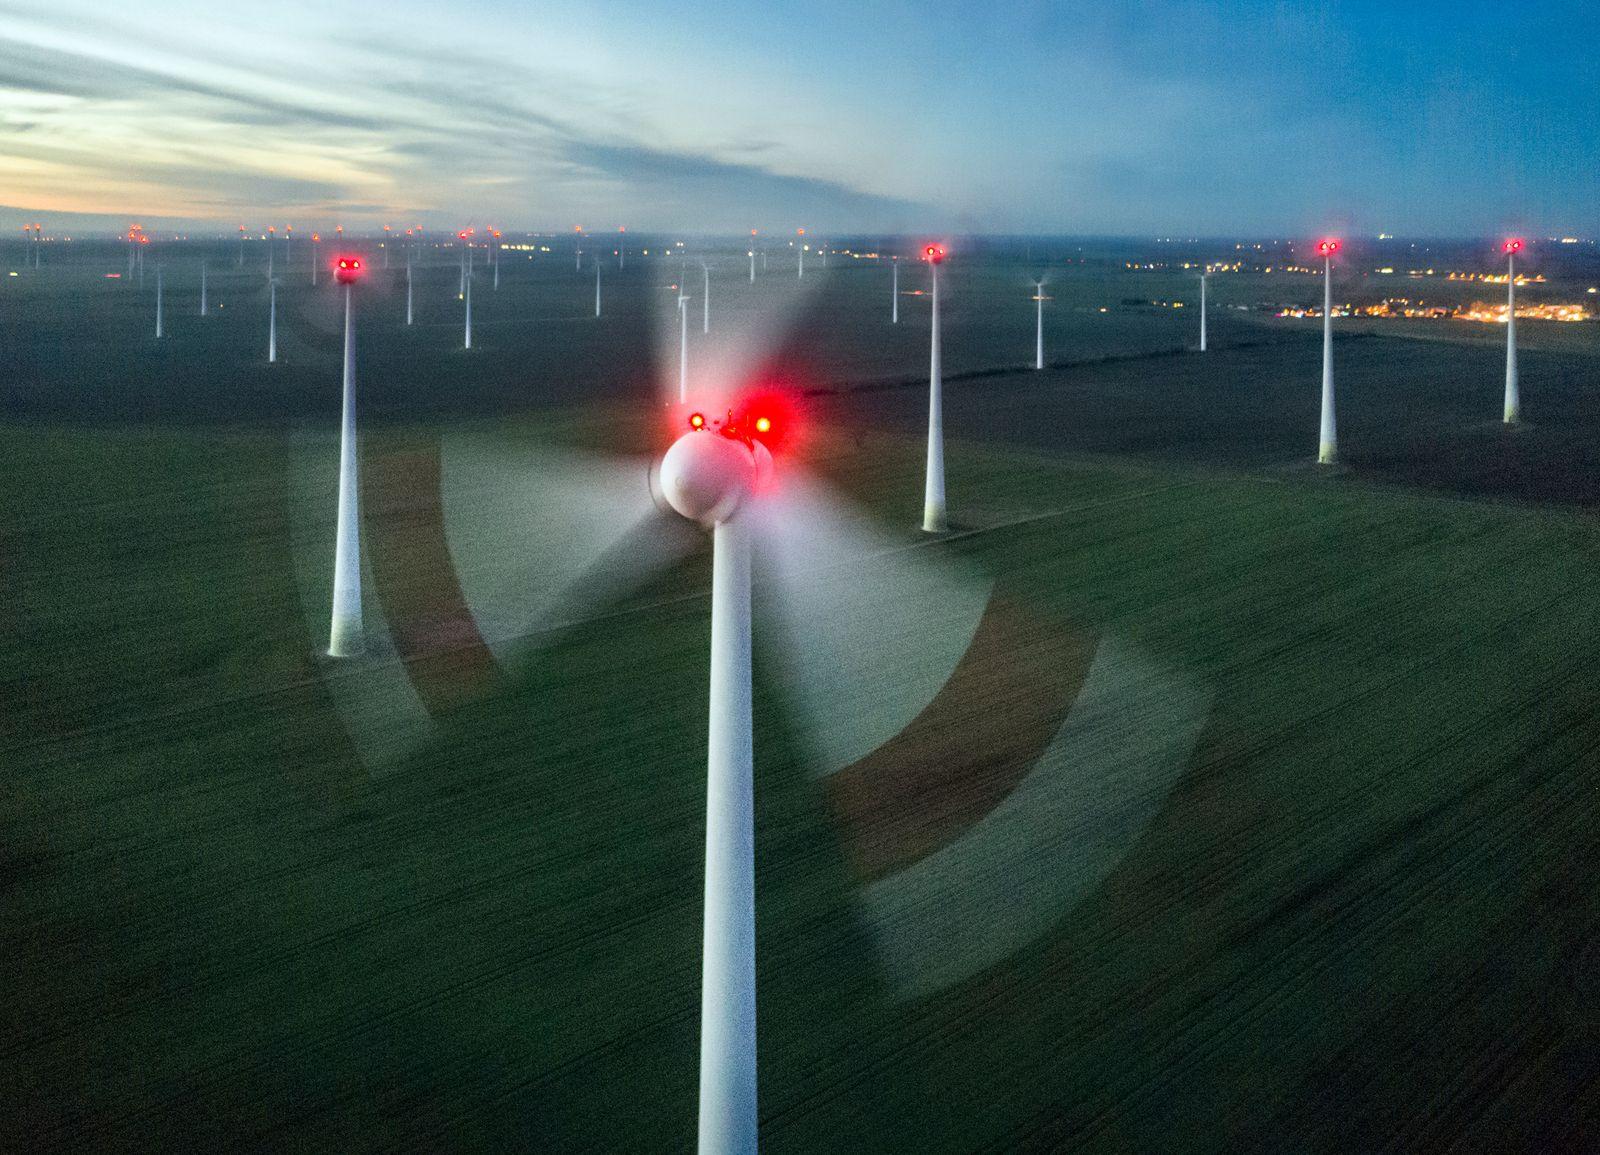 Enercon Windkraftanlage im Windpark bei Nauen